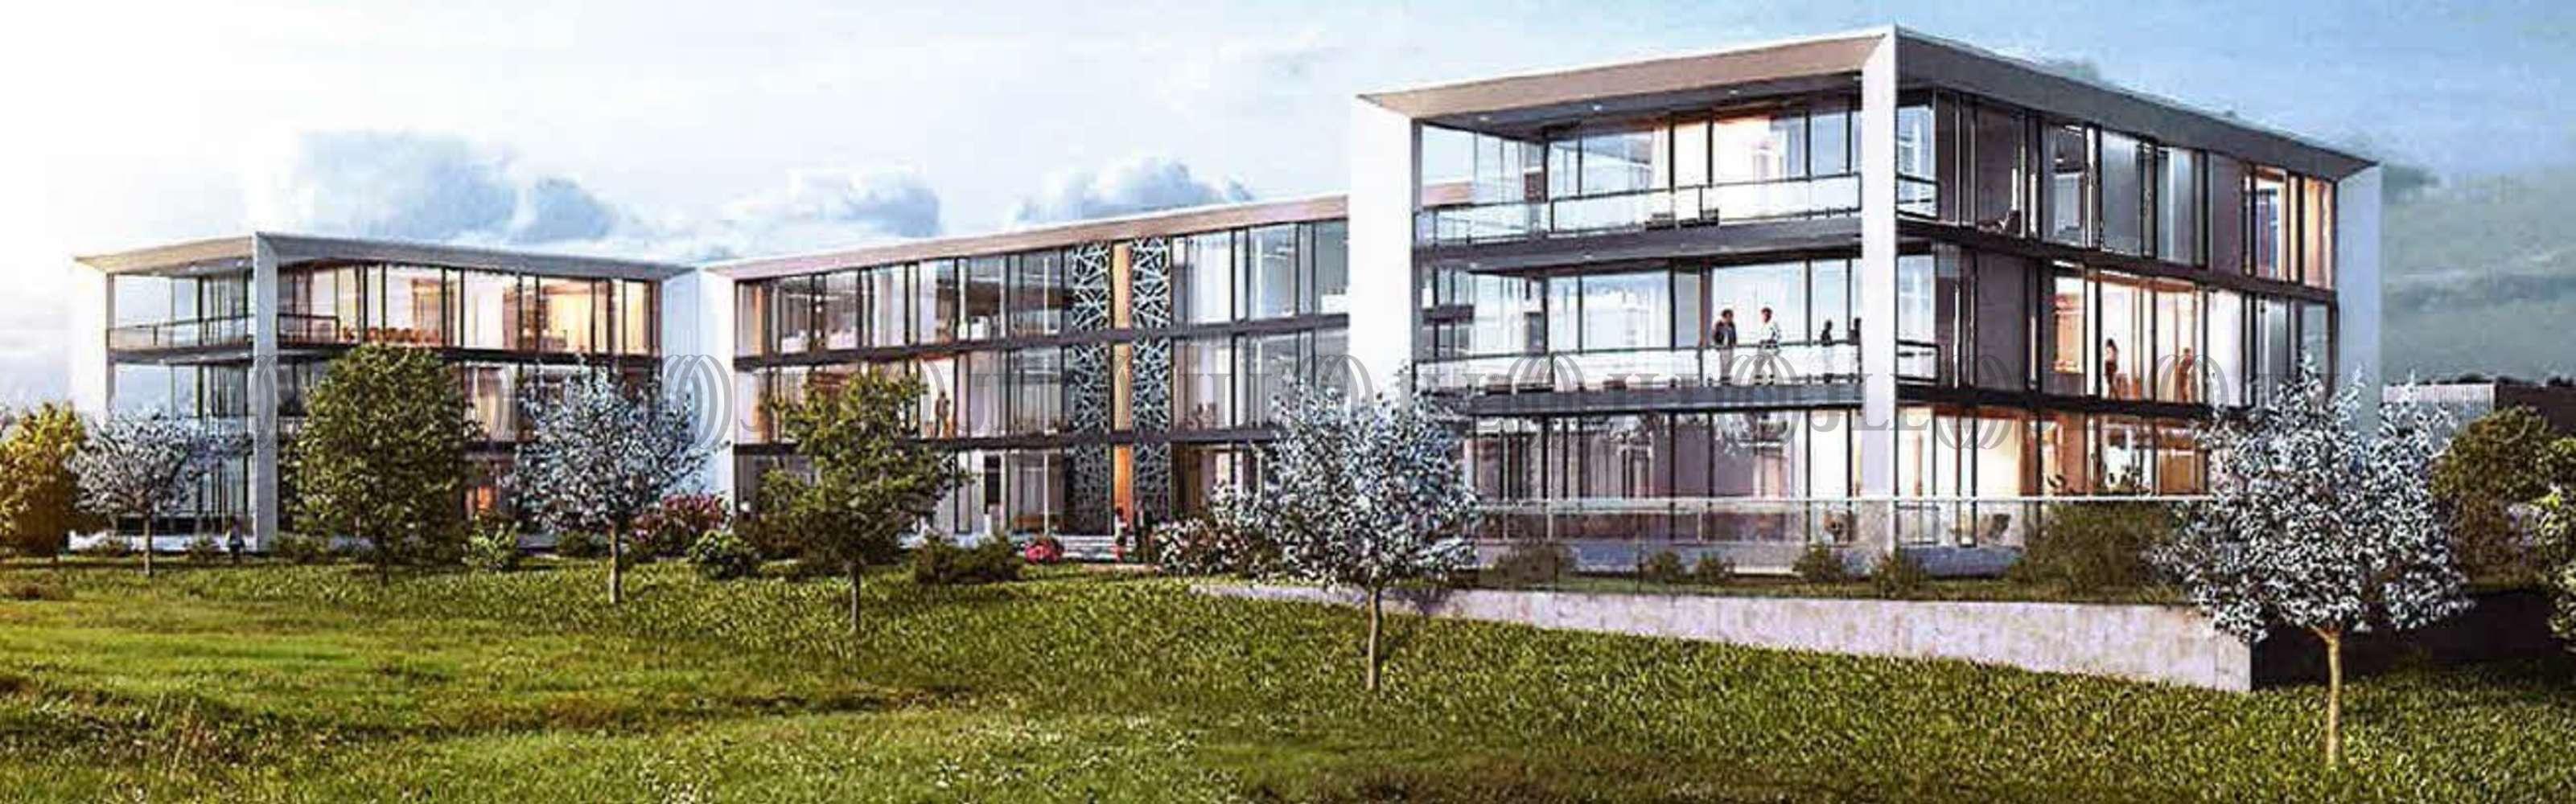 Büros Erlangen, 91056 - Büro - Erlangen, Büchenbach - M1458 - 9513037